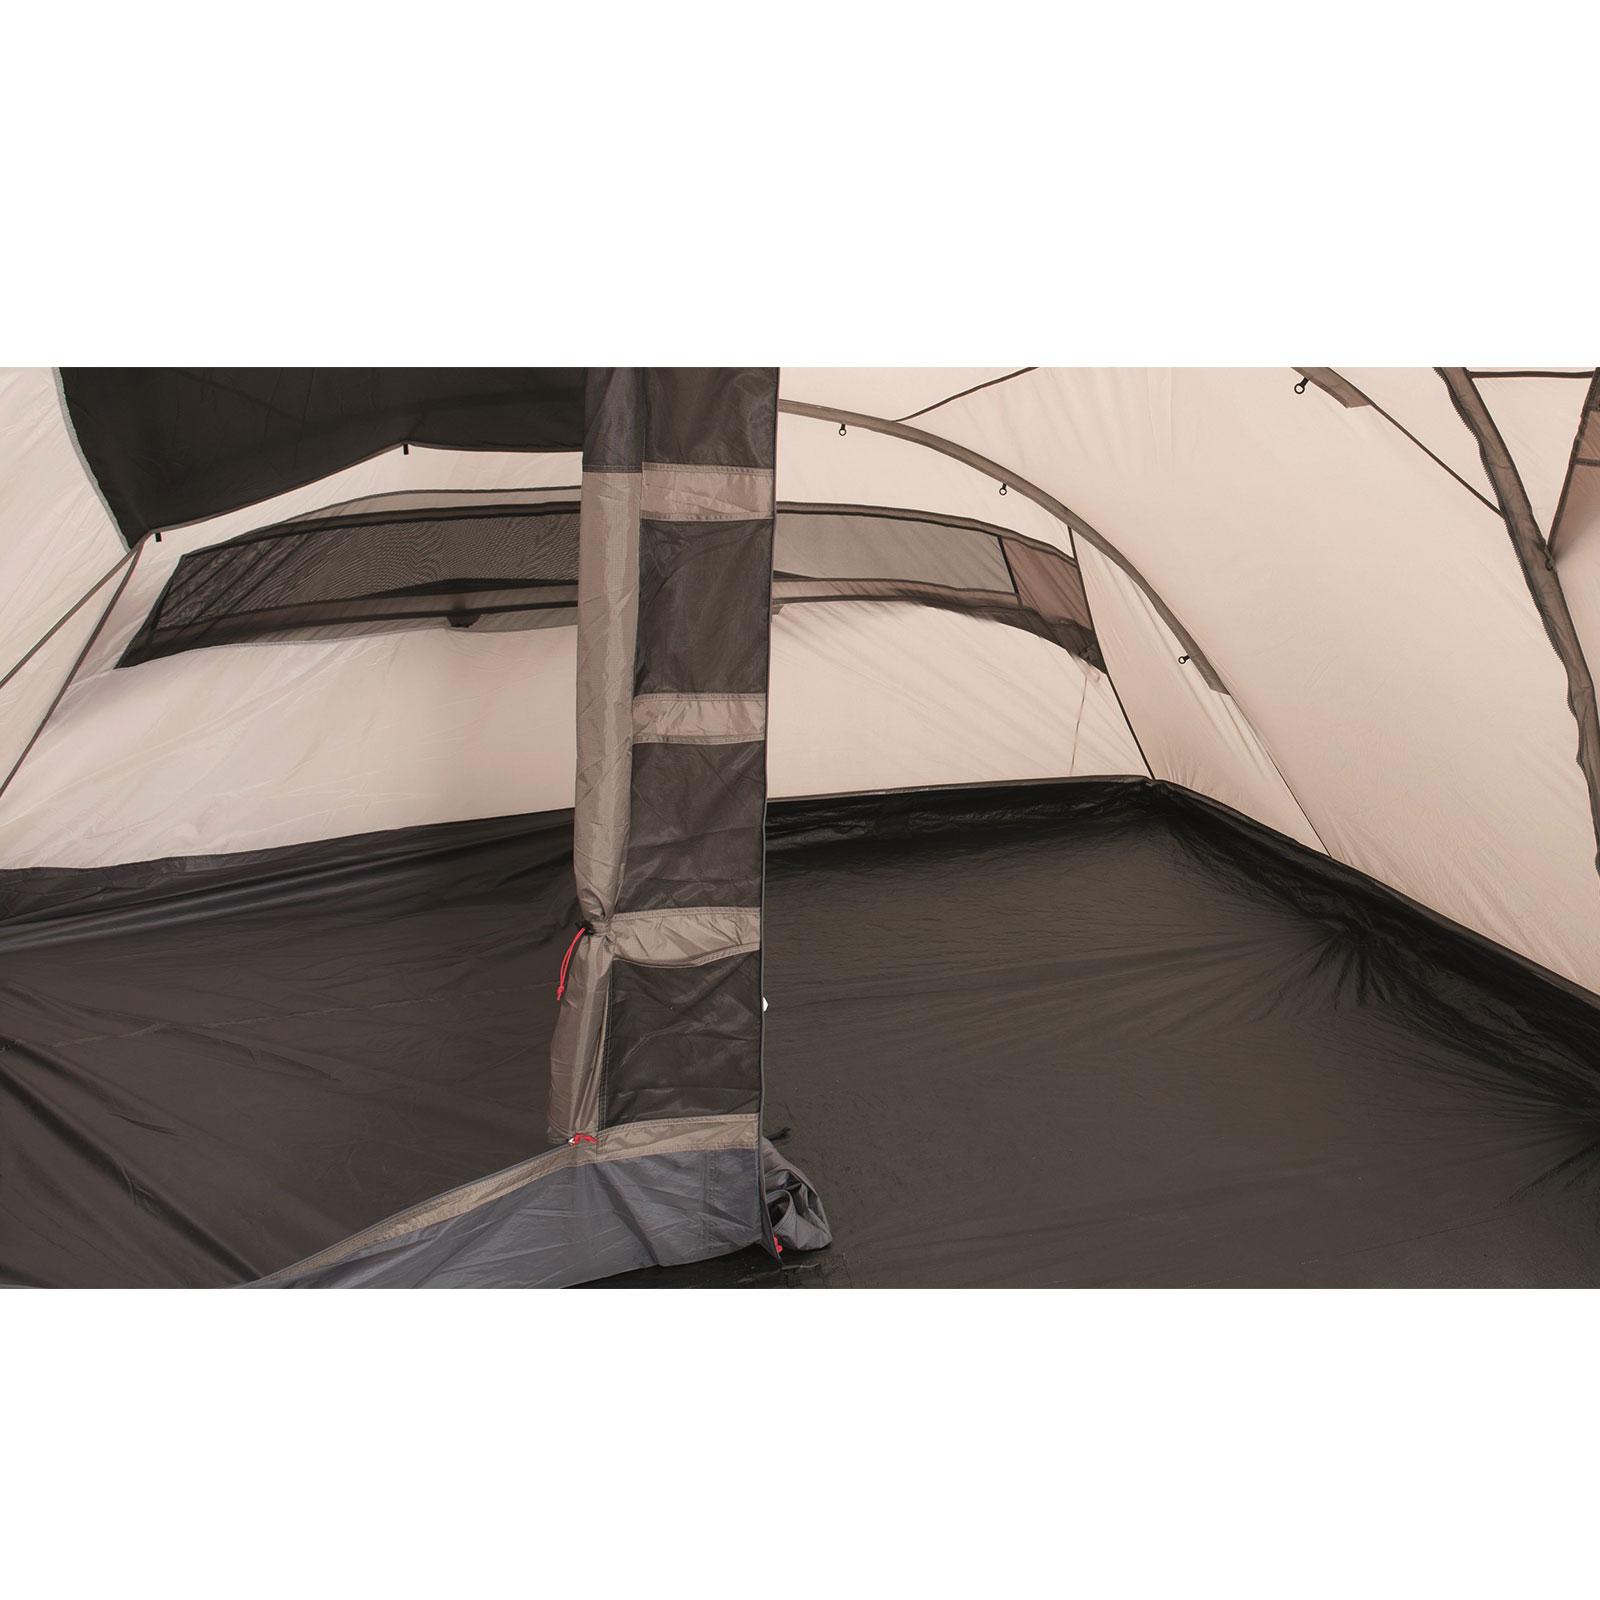 tunnelzelt robens cabin 600 familienzelt 6 personen camping outdoor zelt neu ebay. Black Bedroom Furniture Sets. Home Design Ideas